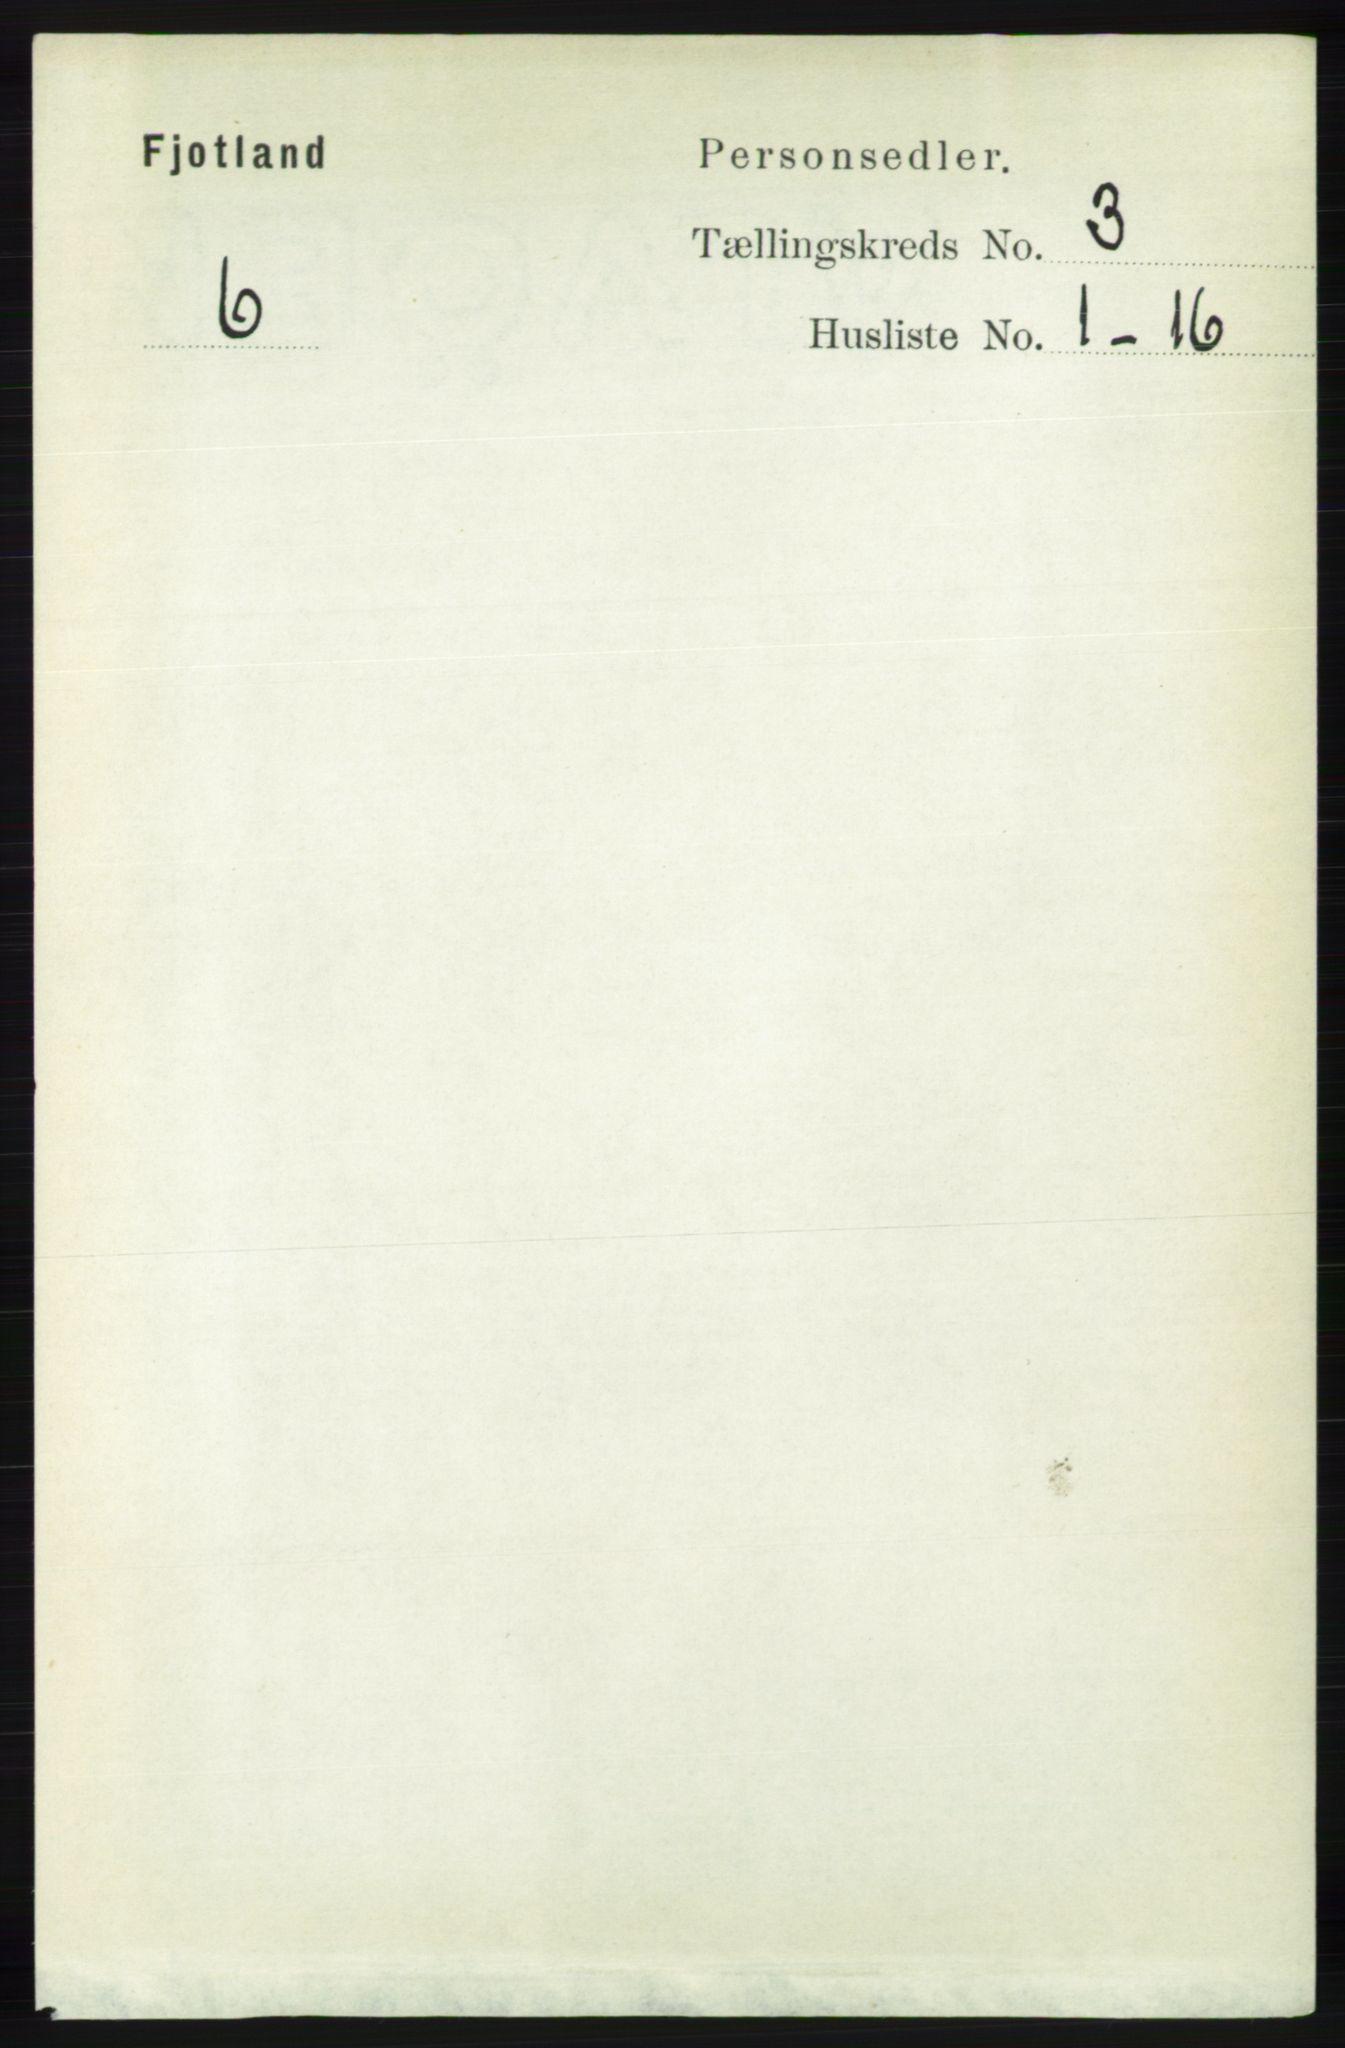 RA, Folketelling 1891 for 1036 Fjotland herred, 1891, s. 389